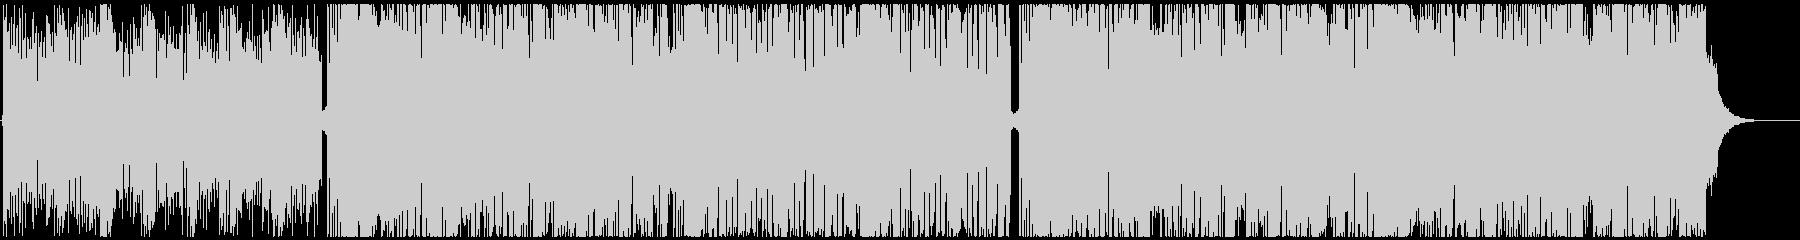 シンセベースとギターメインのビッグビートの未再生の波形